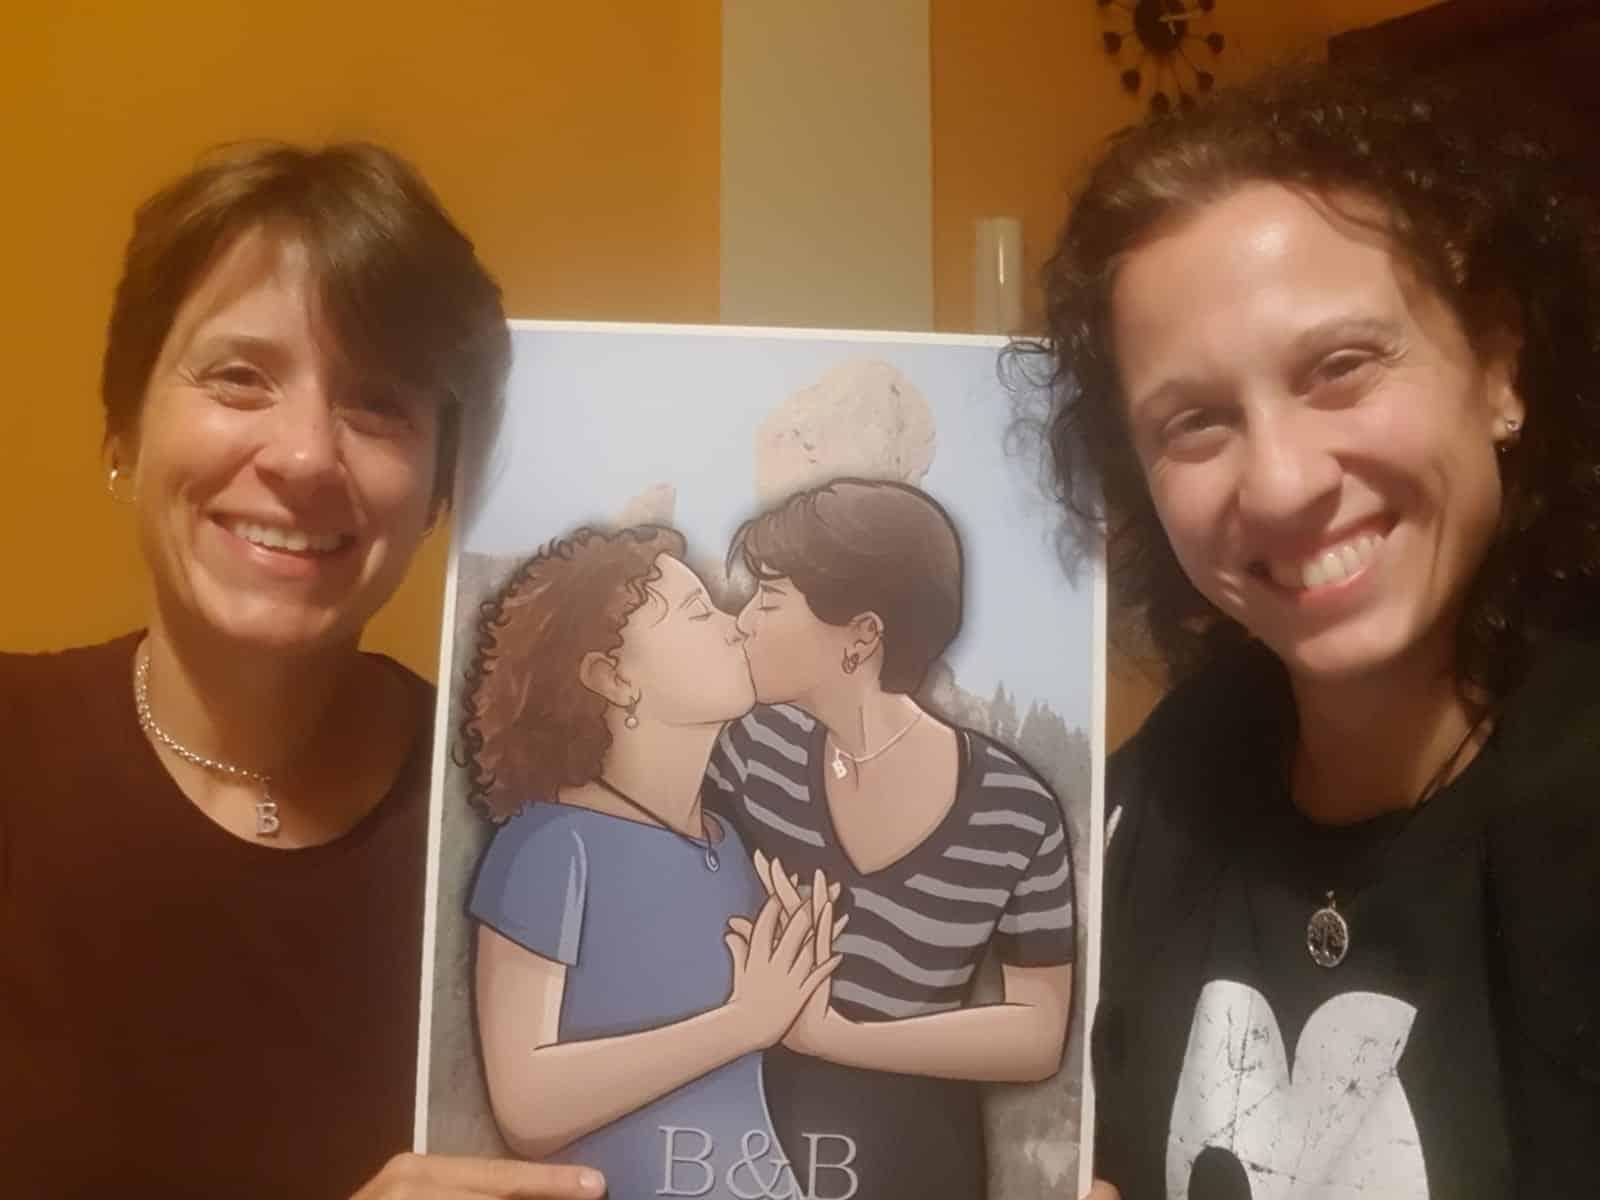 Foto Ilustración Caricatura Personalizada - Beso Inmortalizado - tuvidaencomic.com - BEN - Testimonio 2